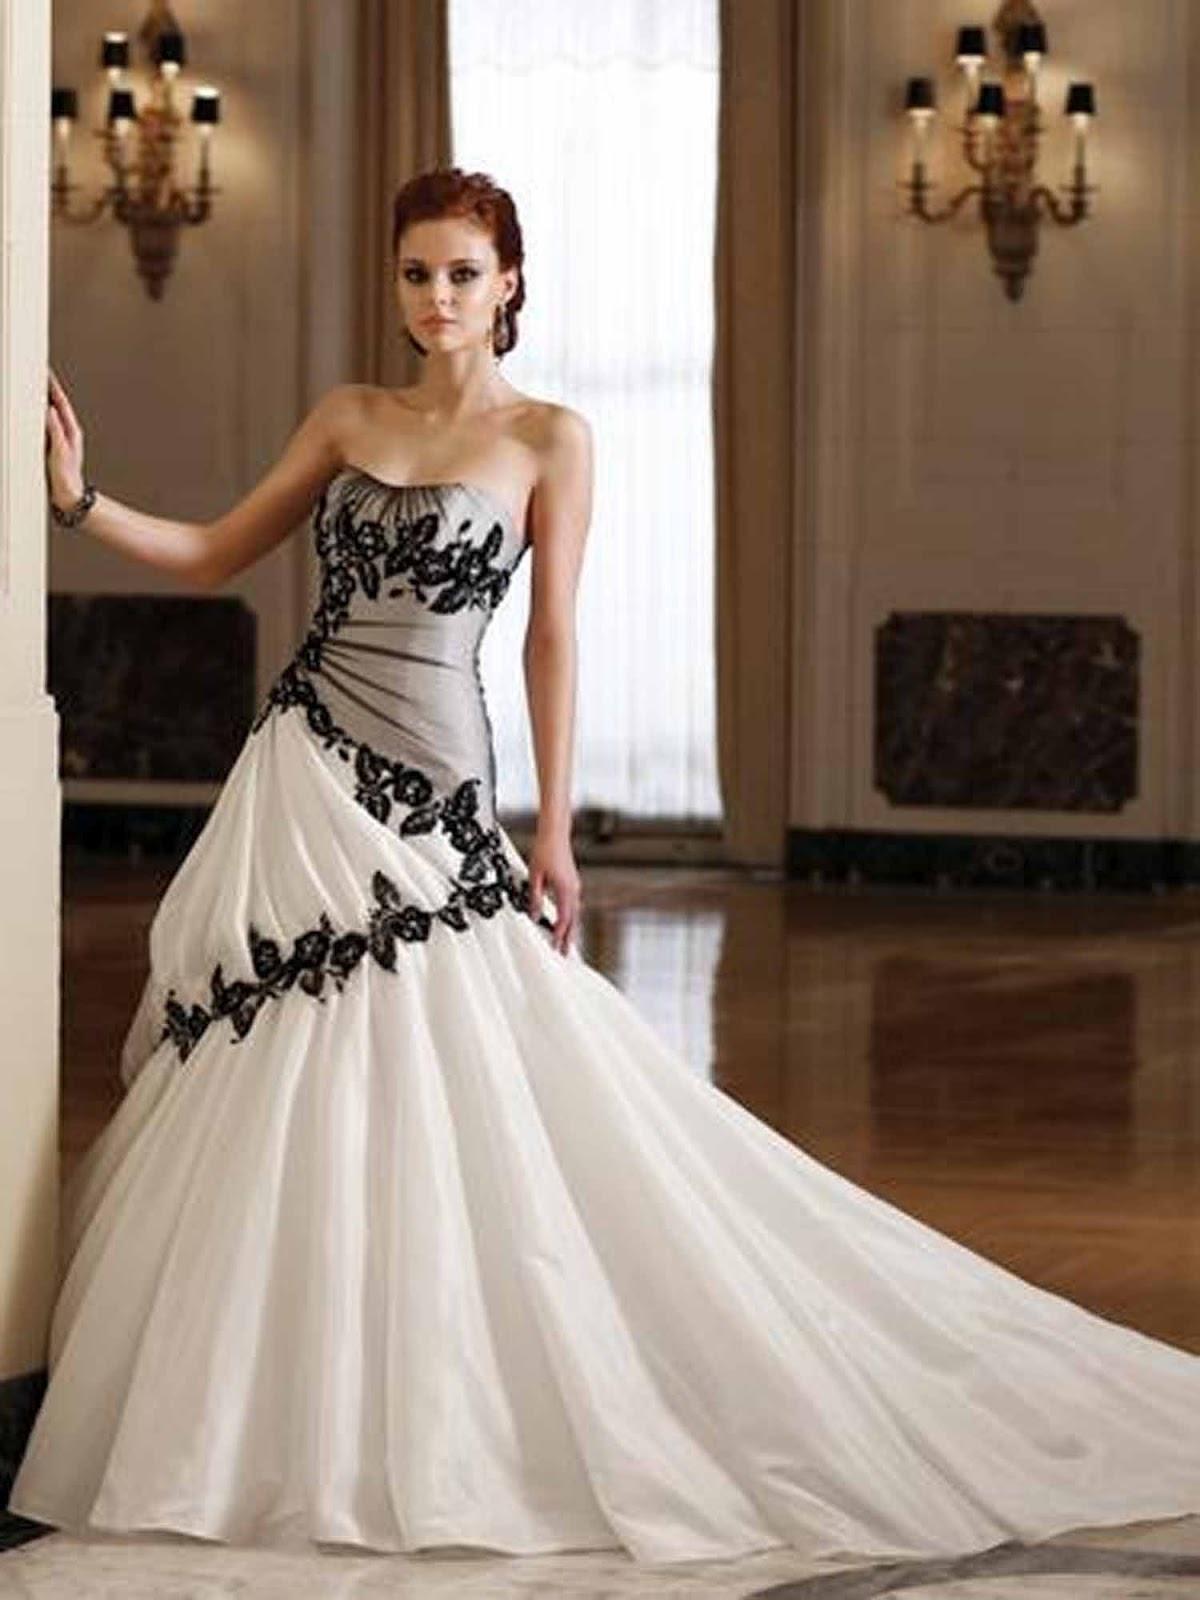 professionale famoso marchio di stilisti negozio di sconto fashionmondo: Abito sposa di moda gotica